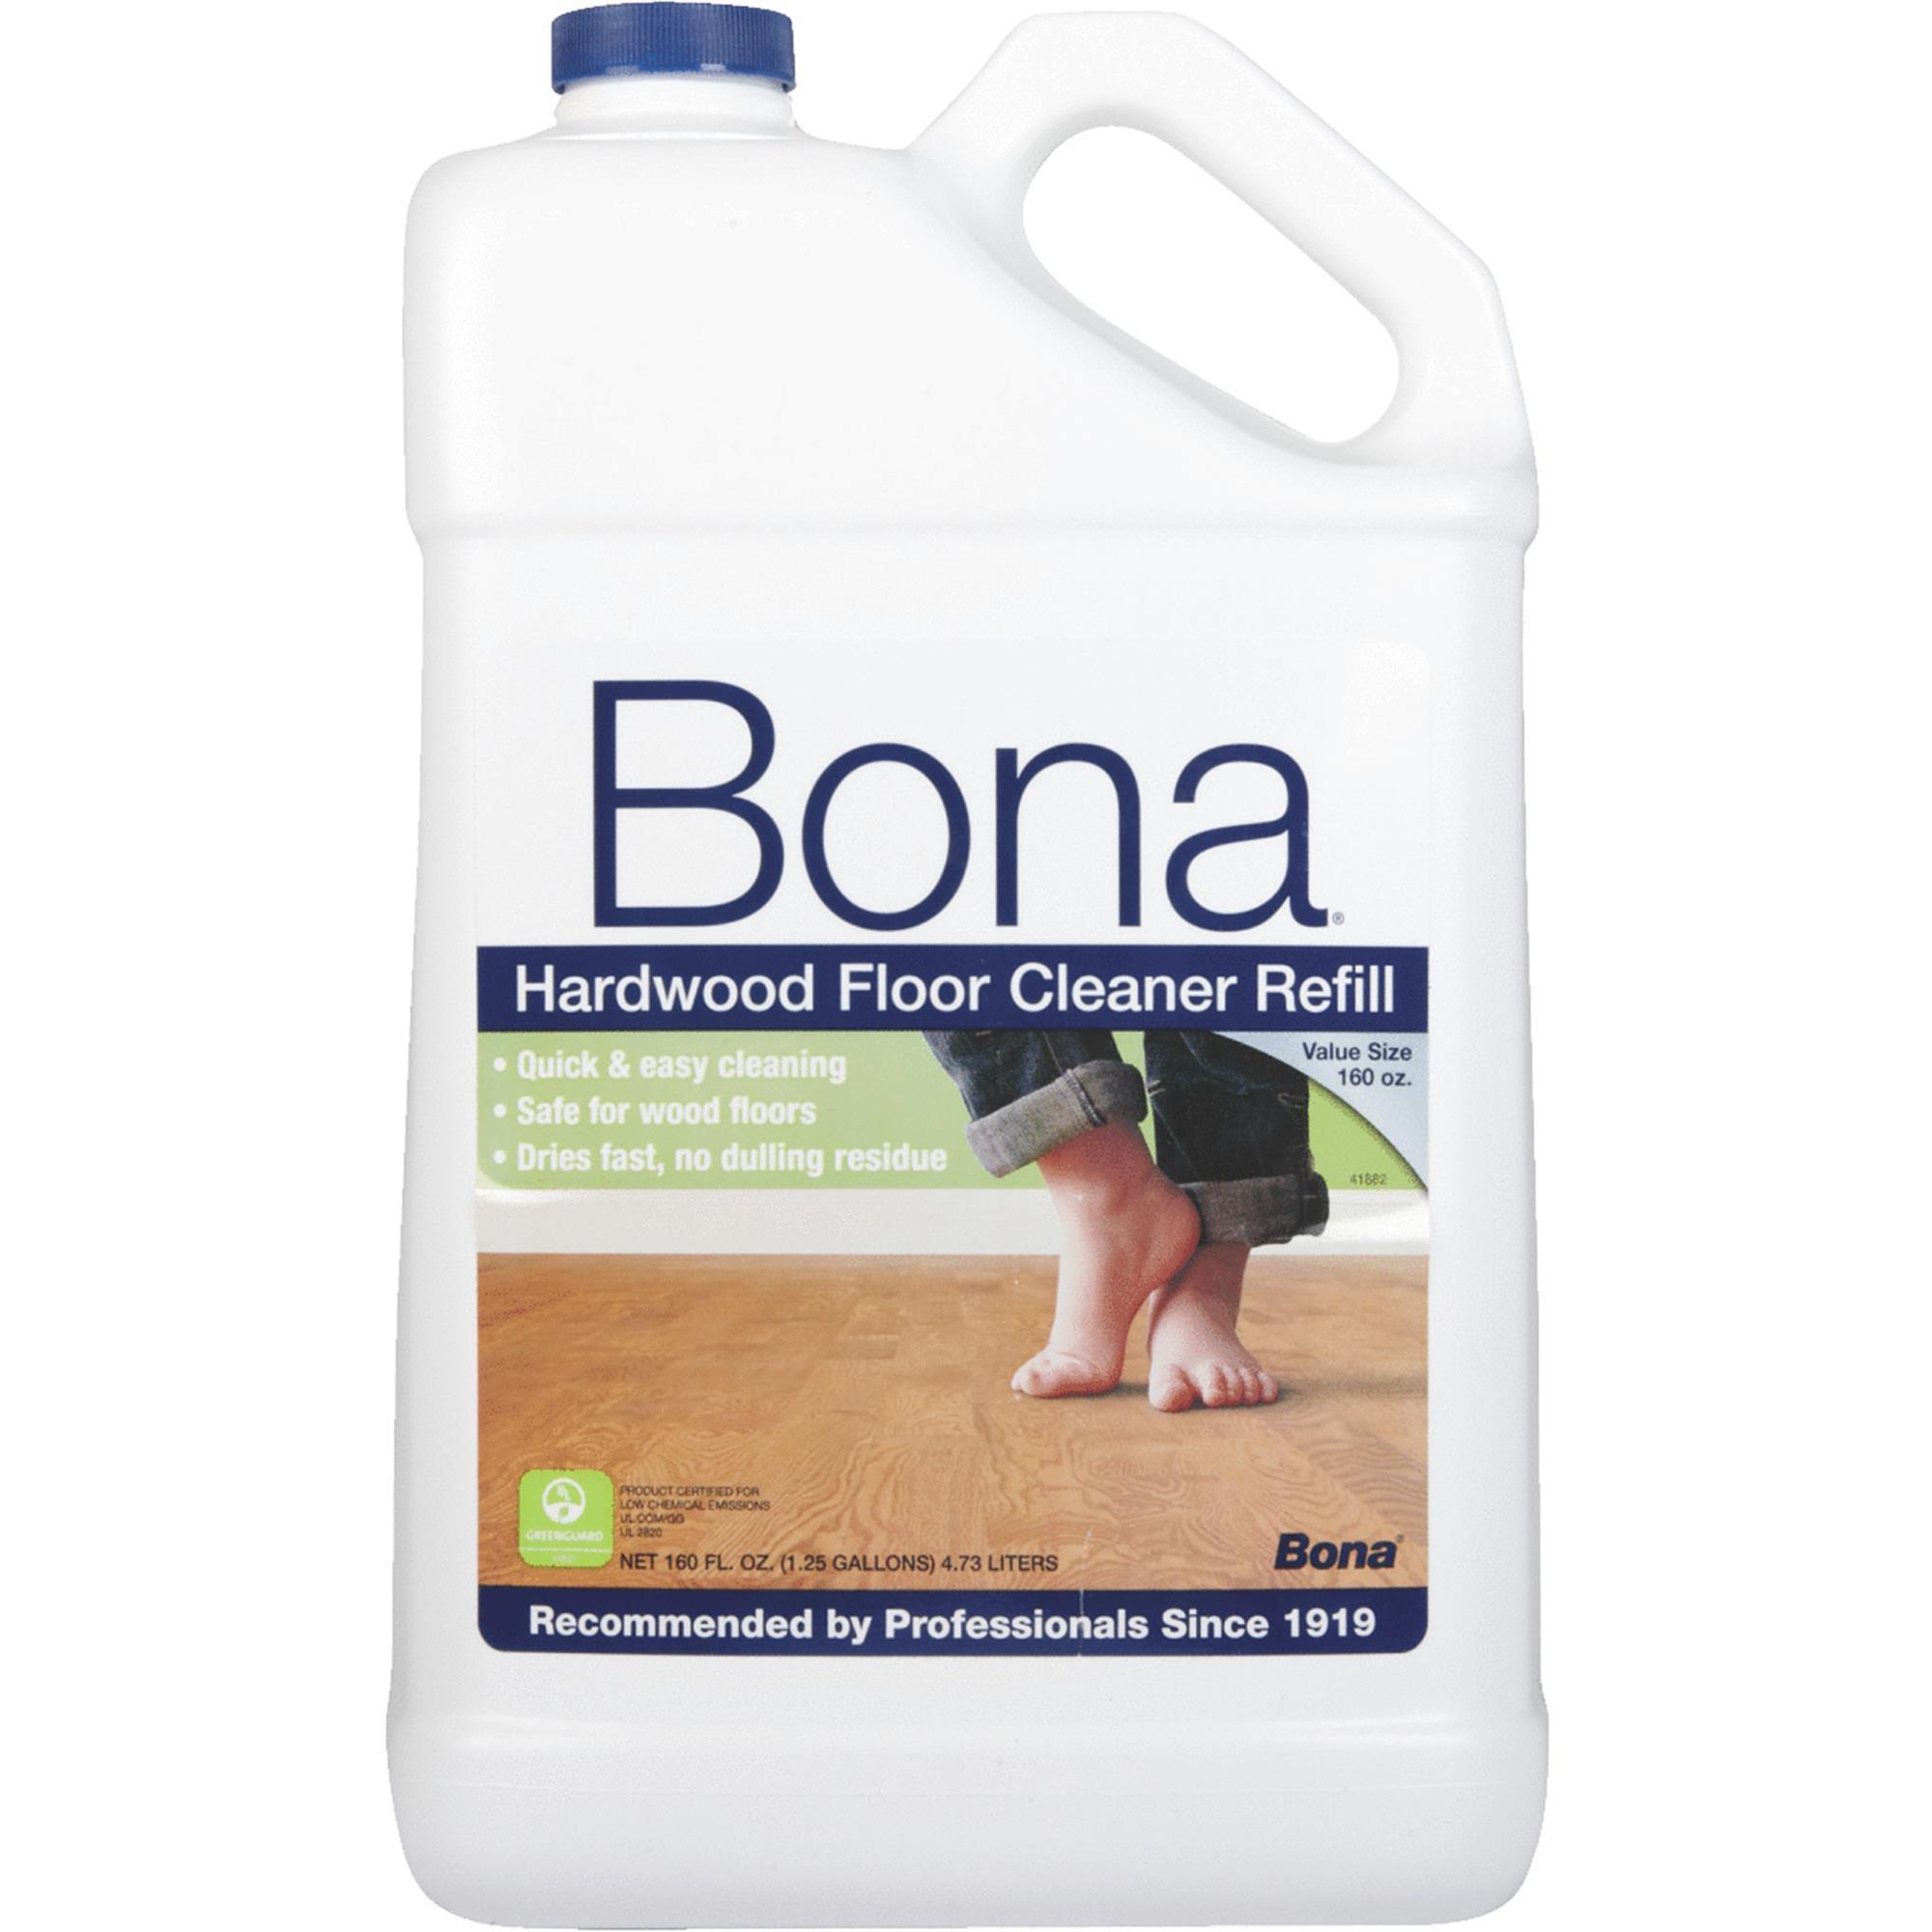 Bona Hardwood Floor Cleaner - Walmart.com